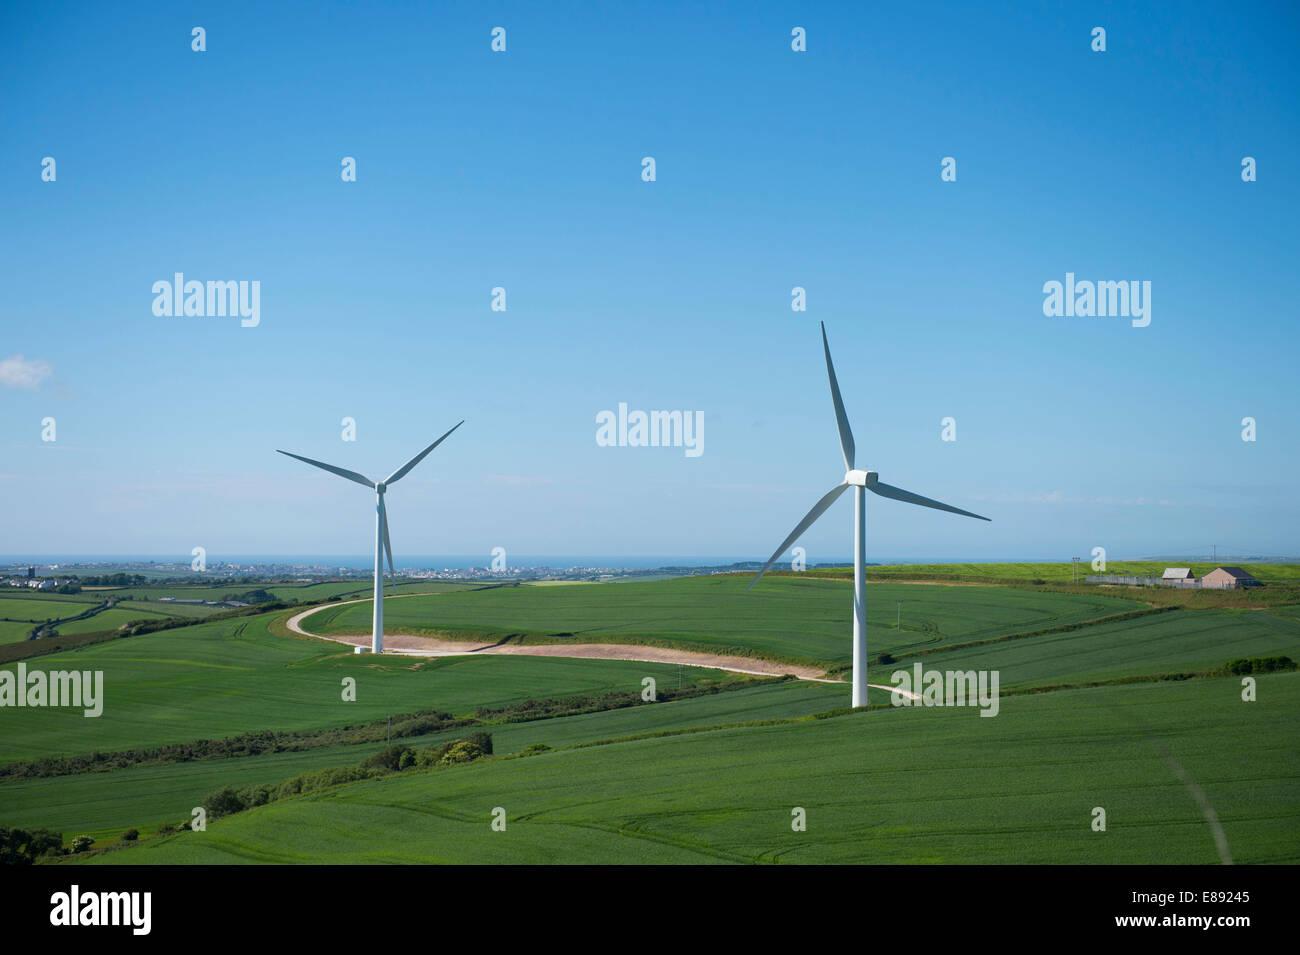 Las turbinas eólicas de producción de energía renovable en Cornwall. Imagen De Stock